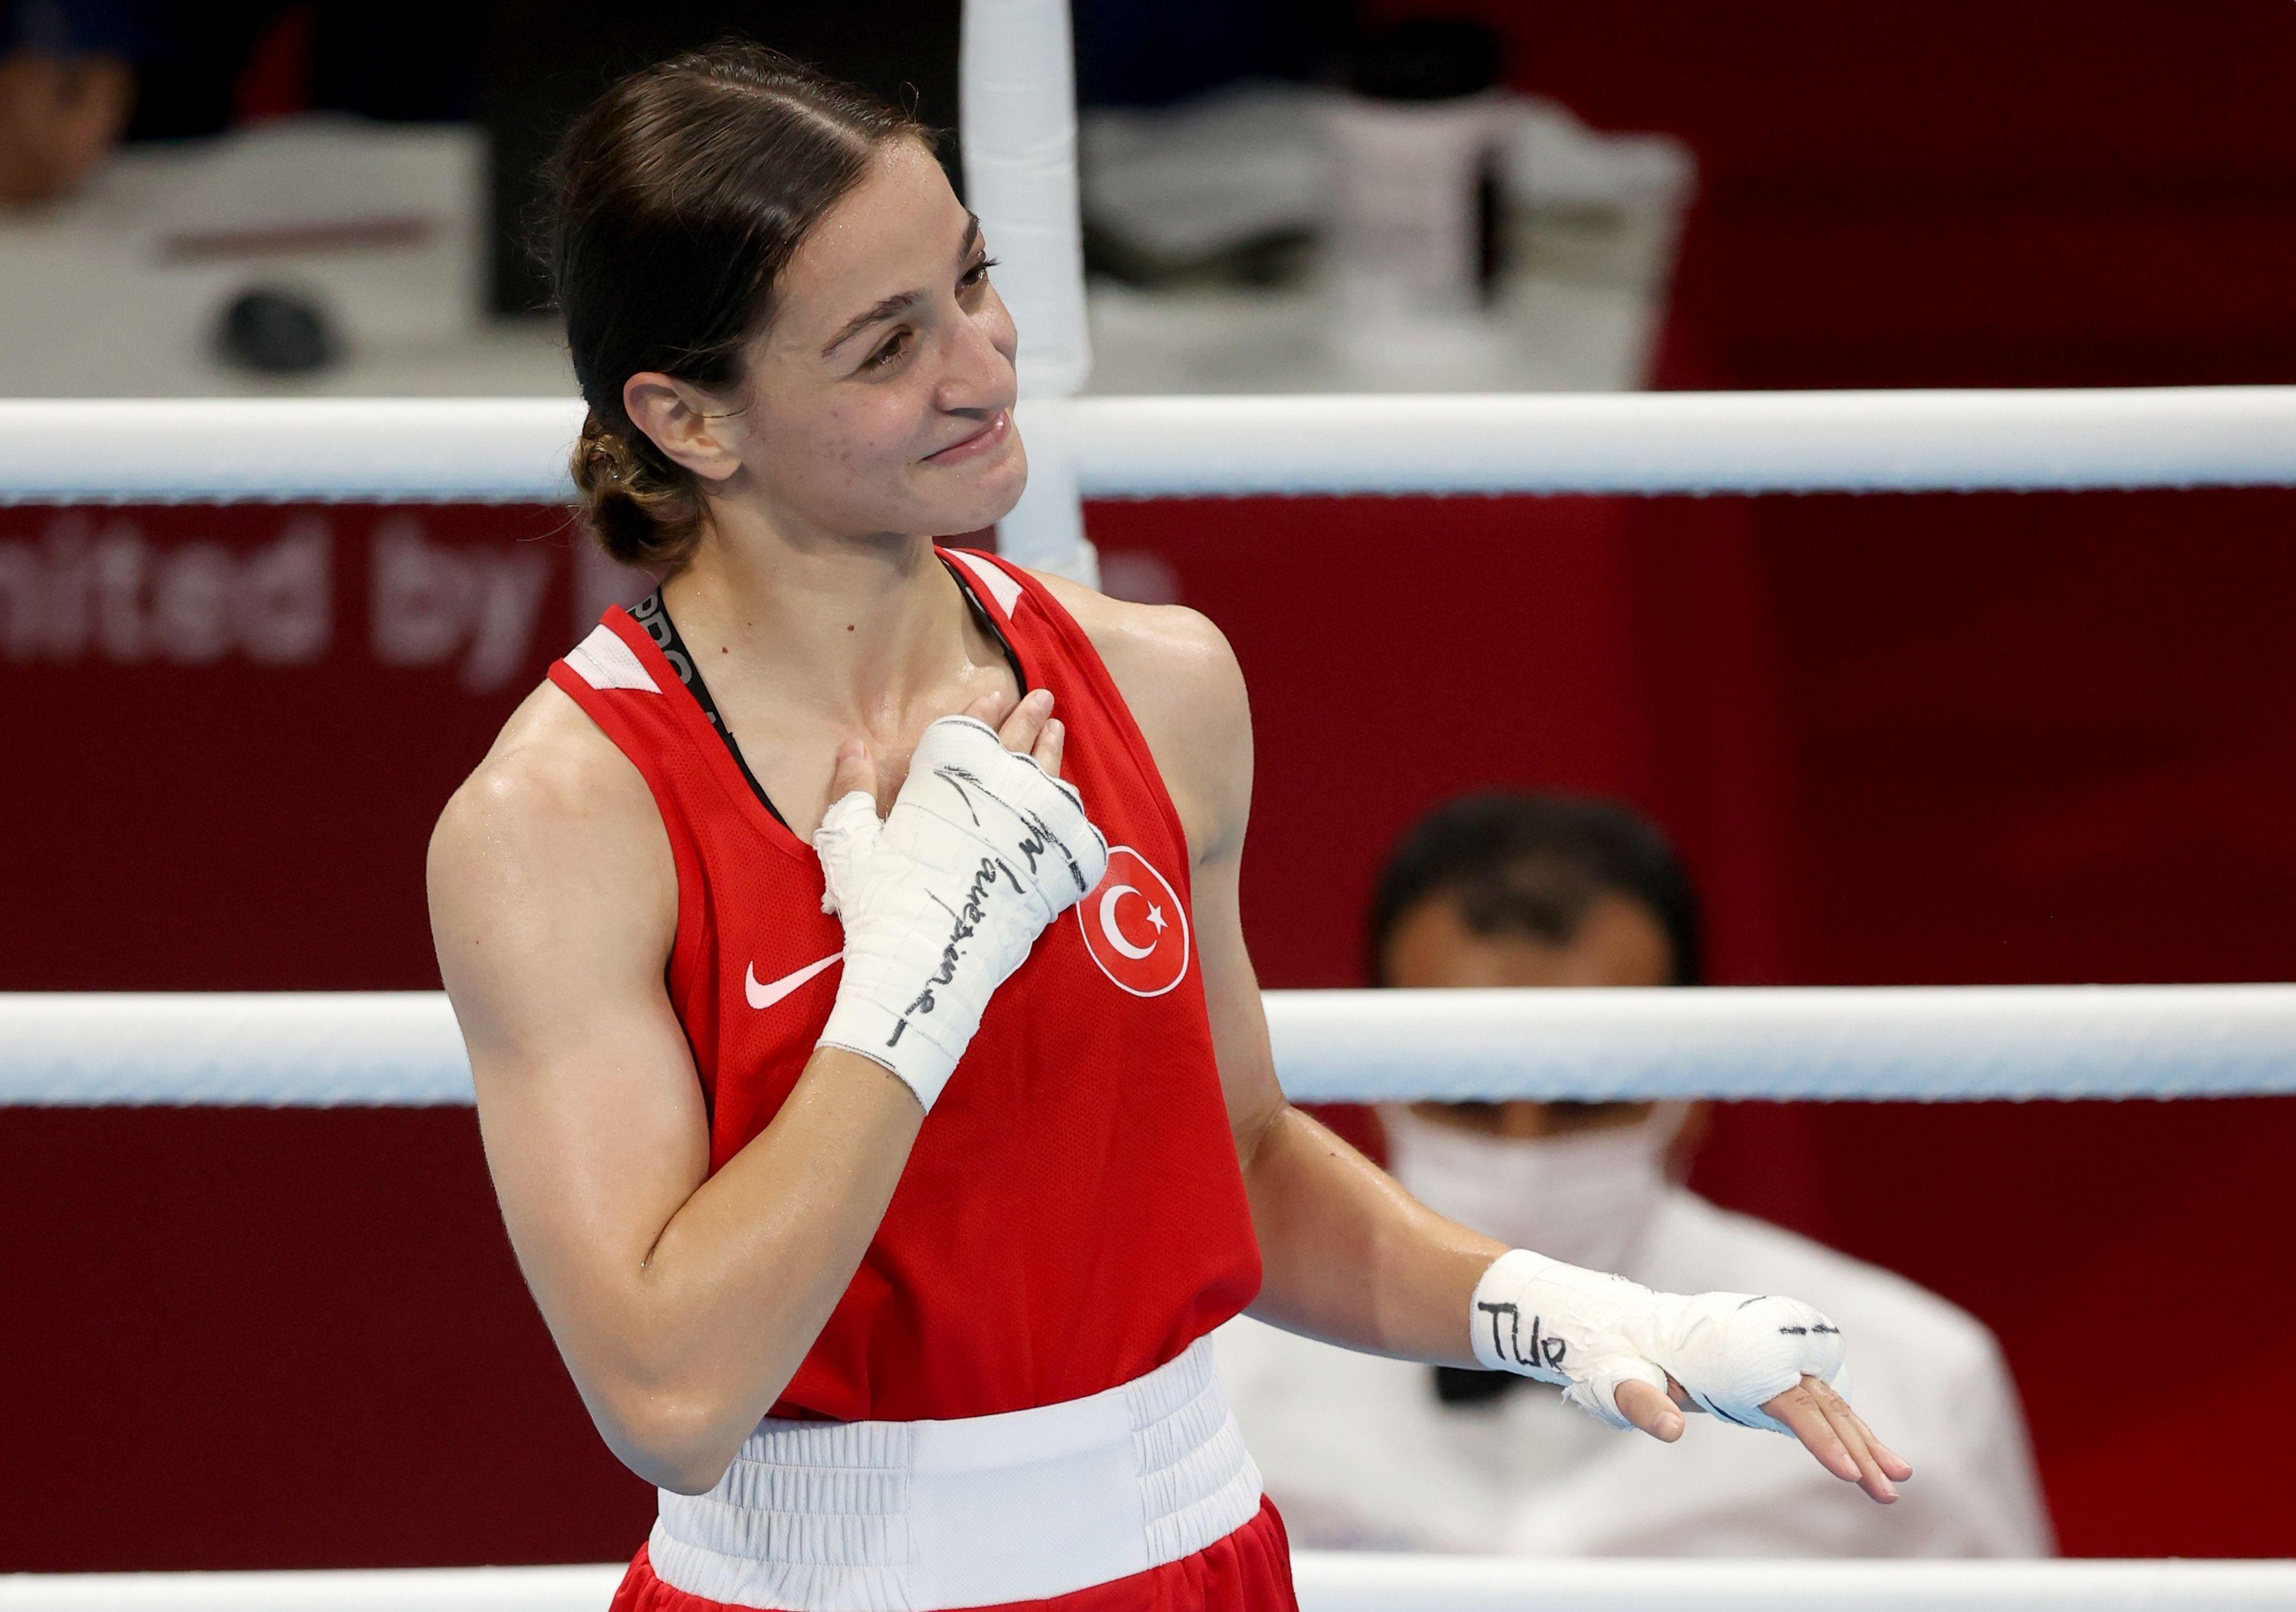 SON DAKİKA | 2020 Tokyo Olimpiyat Oyunları'nda Buse Naz Çakıroğlu boksta finale yükseldi!